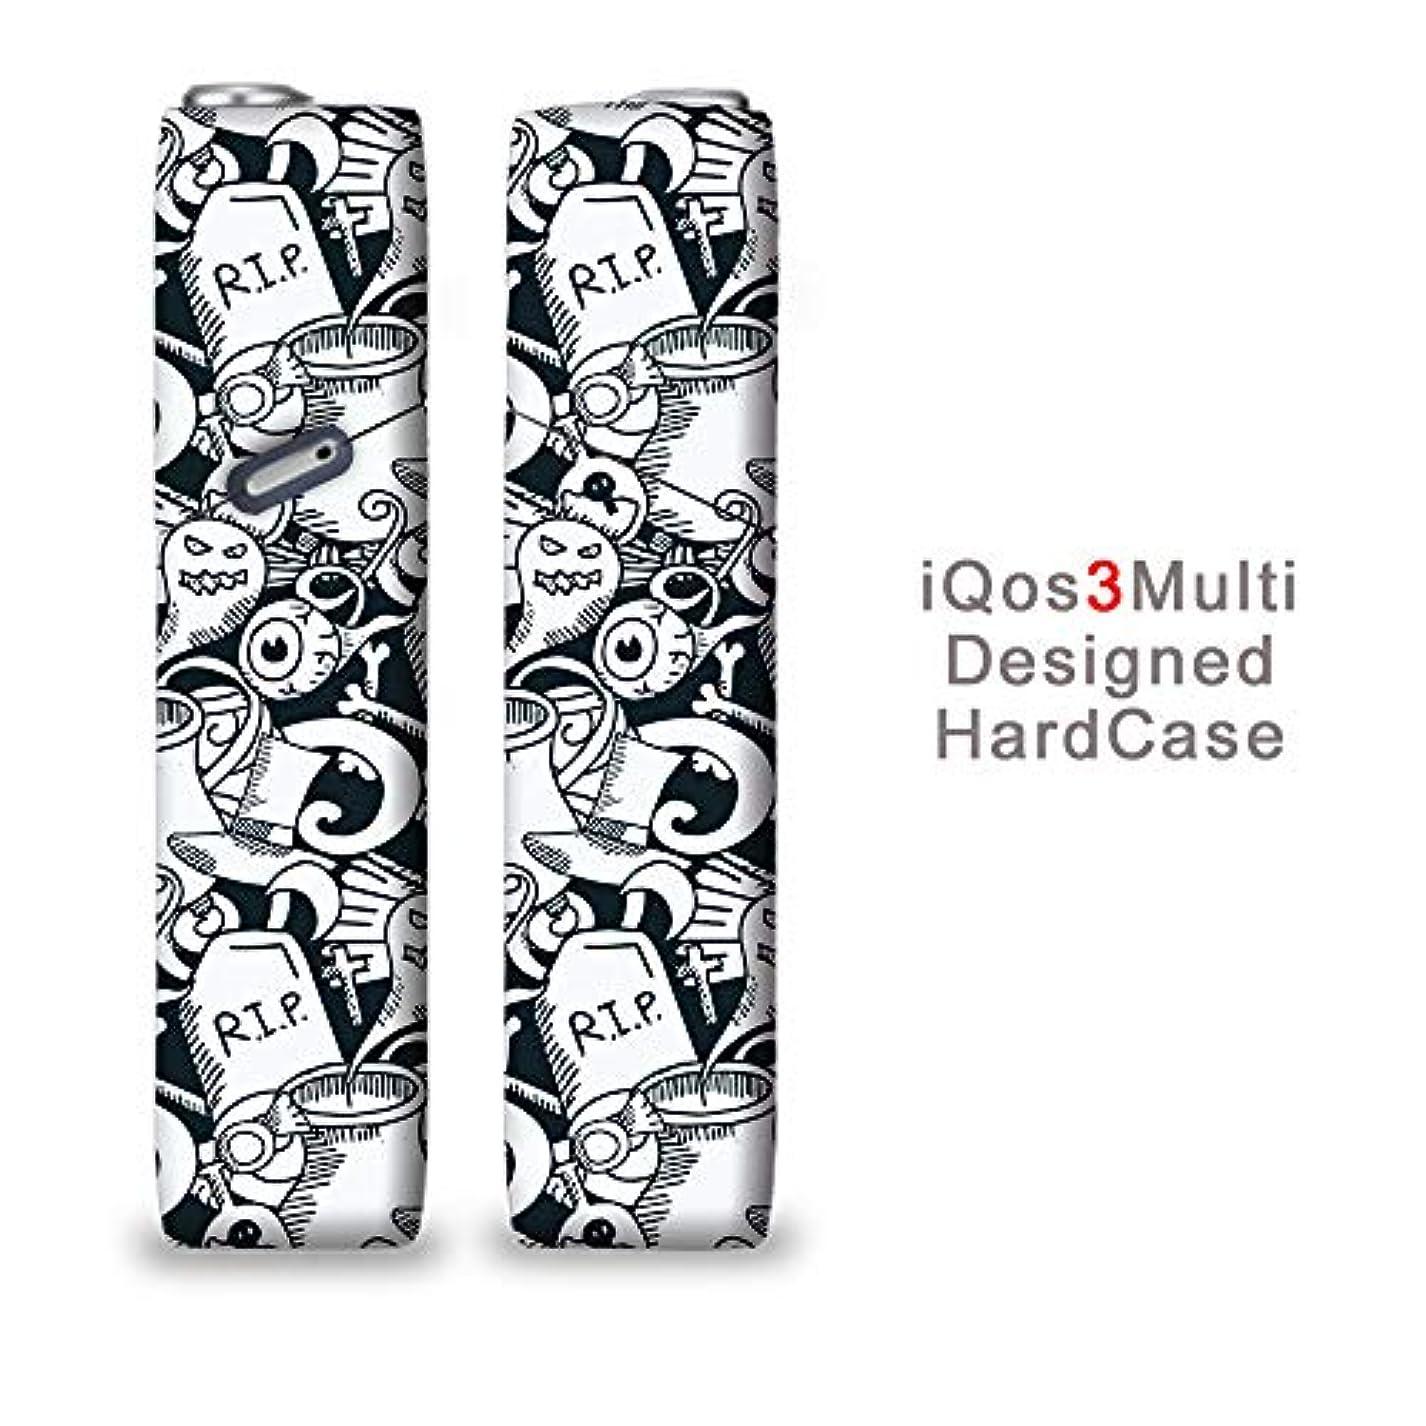 ボクシング谷ガイド完全国内受注生産 iQOS3マルチ用 アイコス3マルチ用 熱転写全面印刷イラスト ハロウイン 加熱式タバコ 電子タバコ 禁煙サポート アクセサリー プラスティックケース ハードケース 日本製